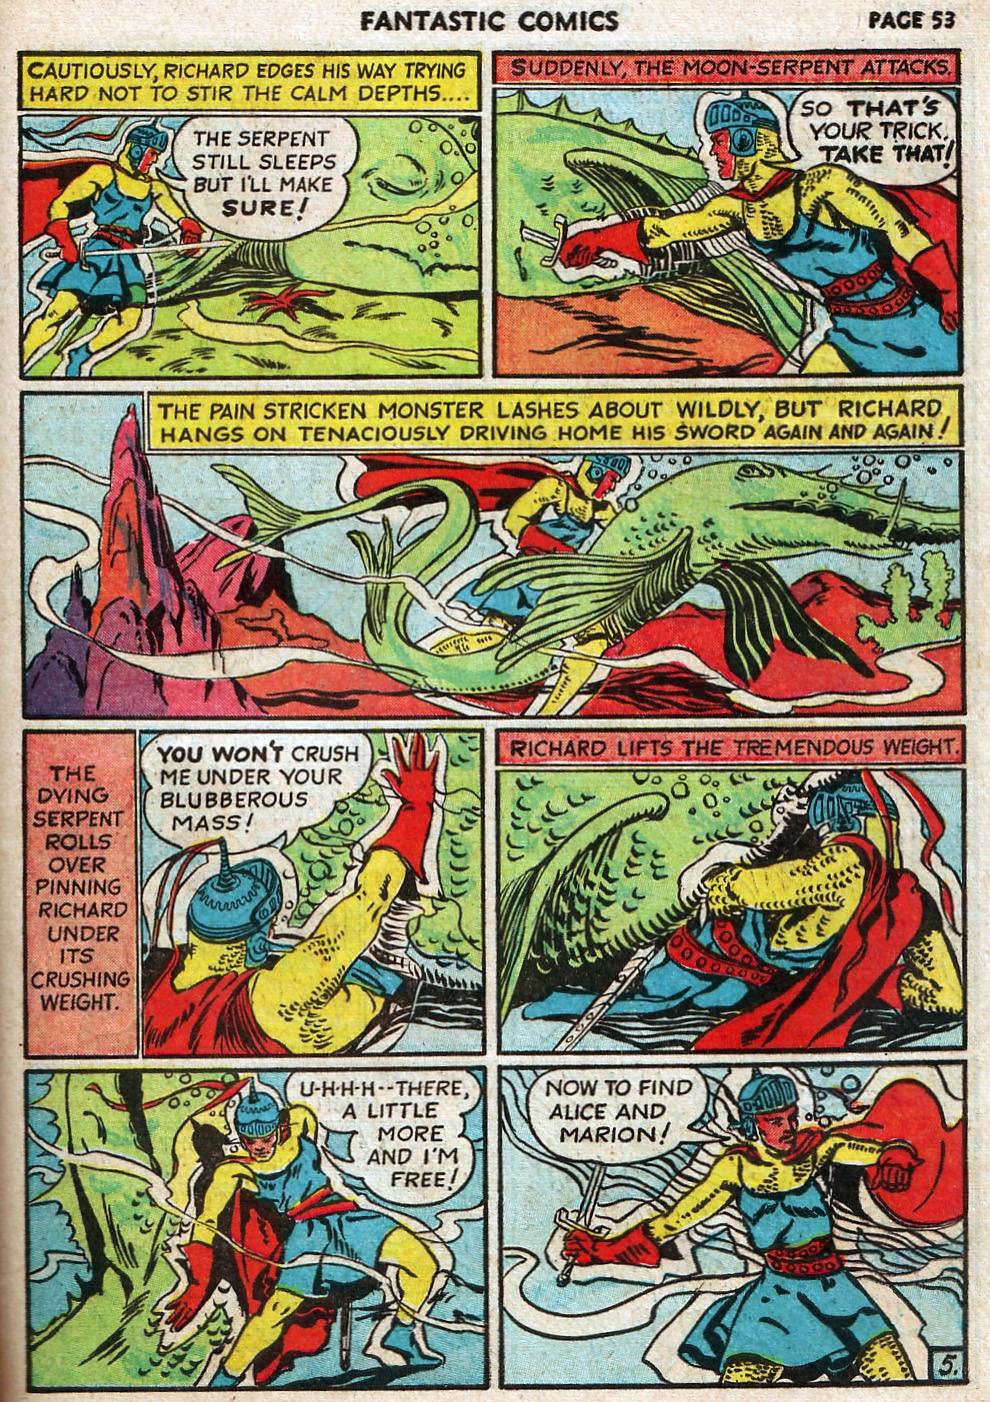 Read online Fantastic Comics comic -  Issue #17 - 54